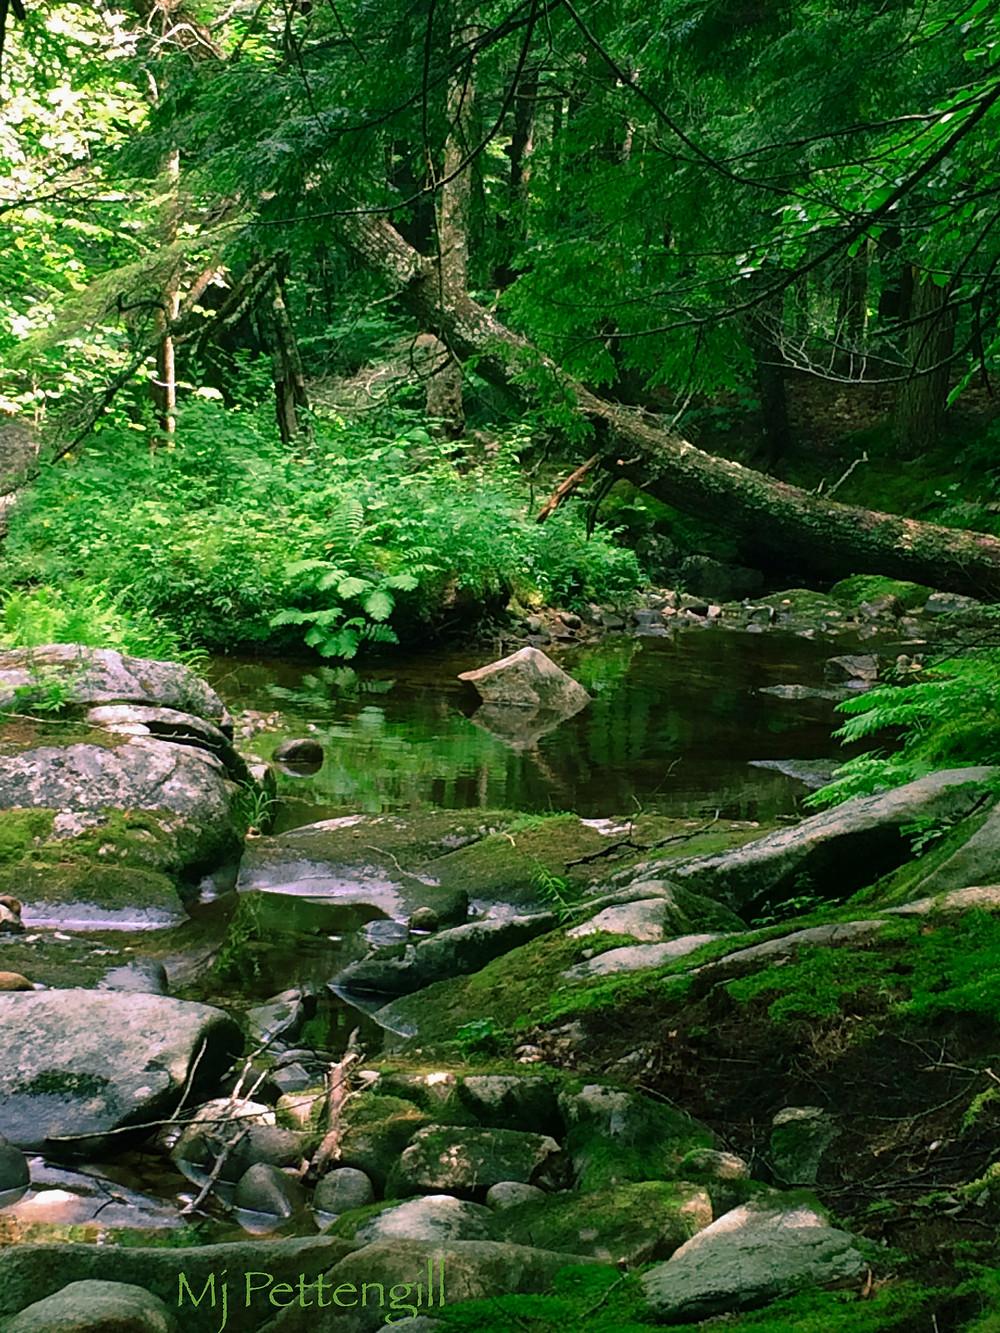 Cold River, NH - Mj Pettengill